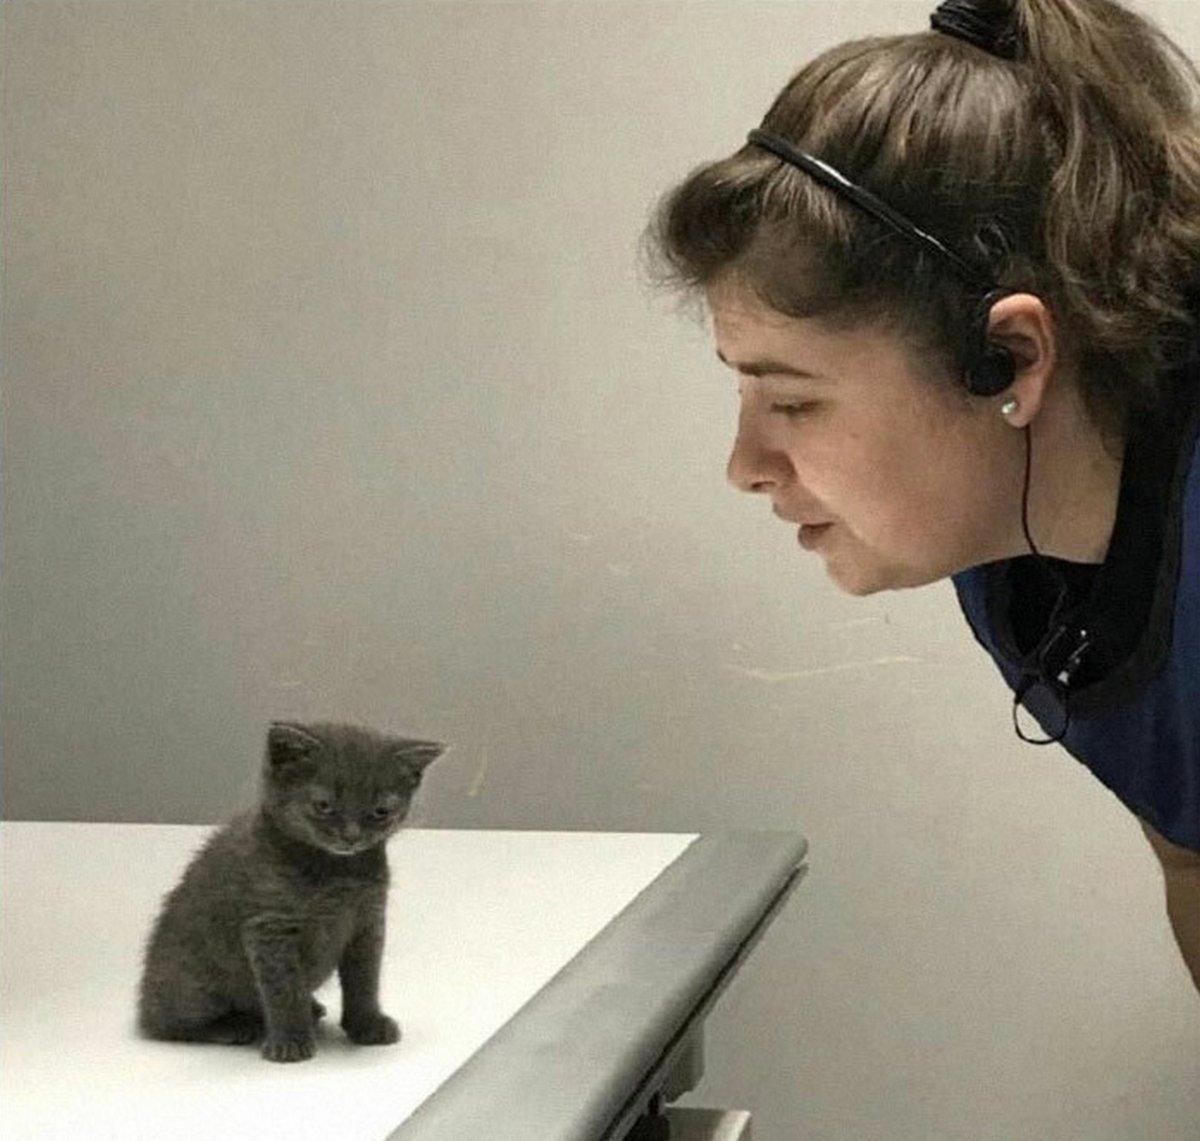 Ce groupe en ligne célèbre les chatons qui sont «illégalement petits et mignons» et voici les 22 photos les plus adorables